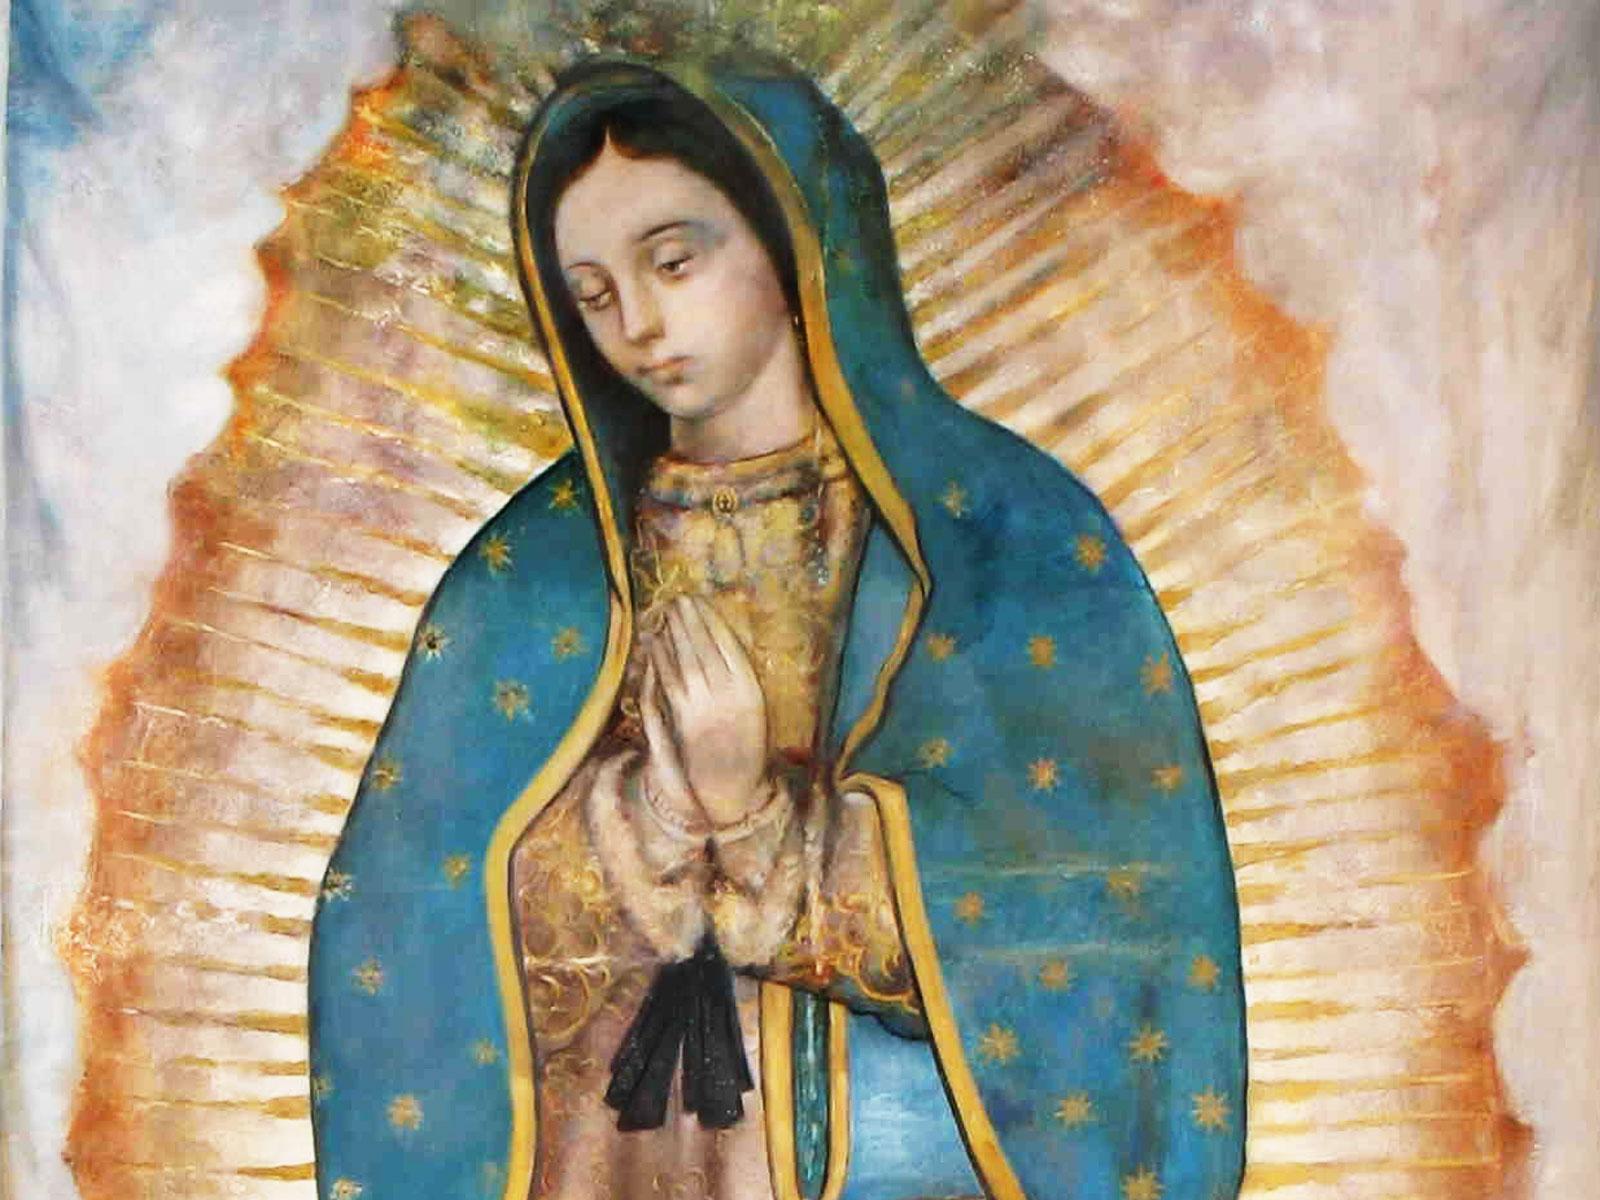 Reze a oração de São João Paulo II à Virgem Maria